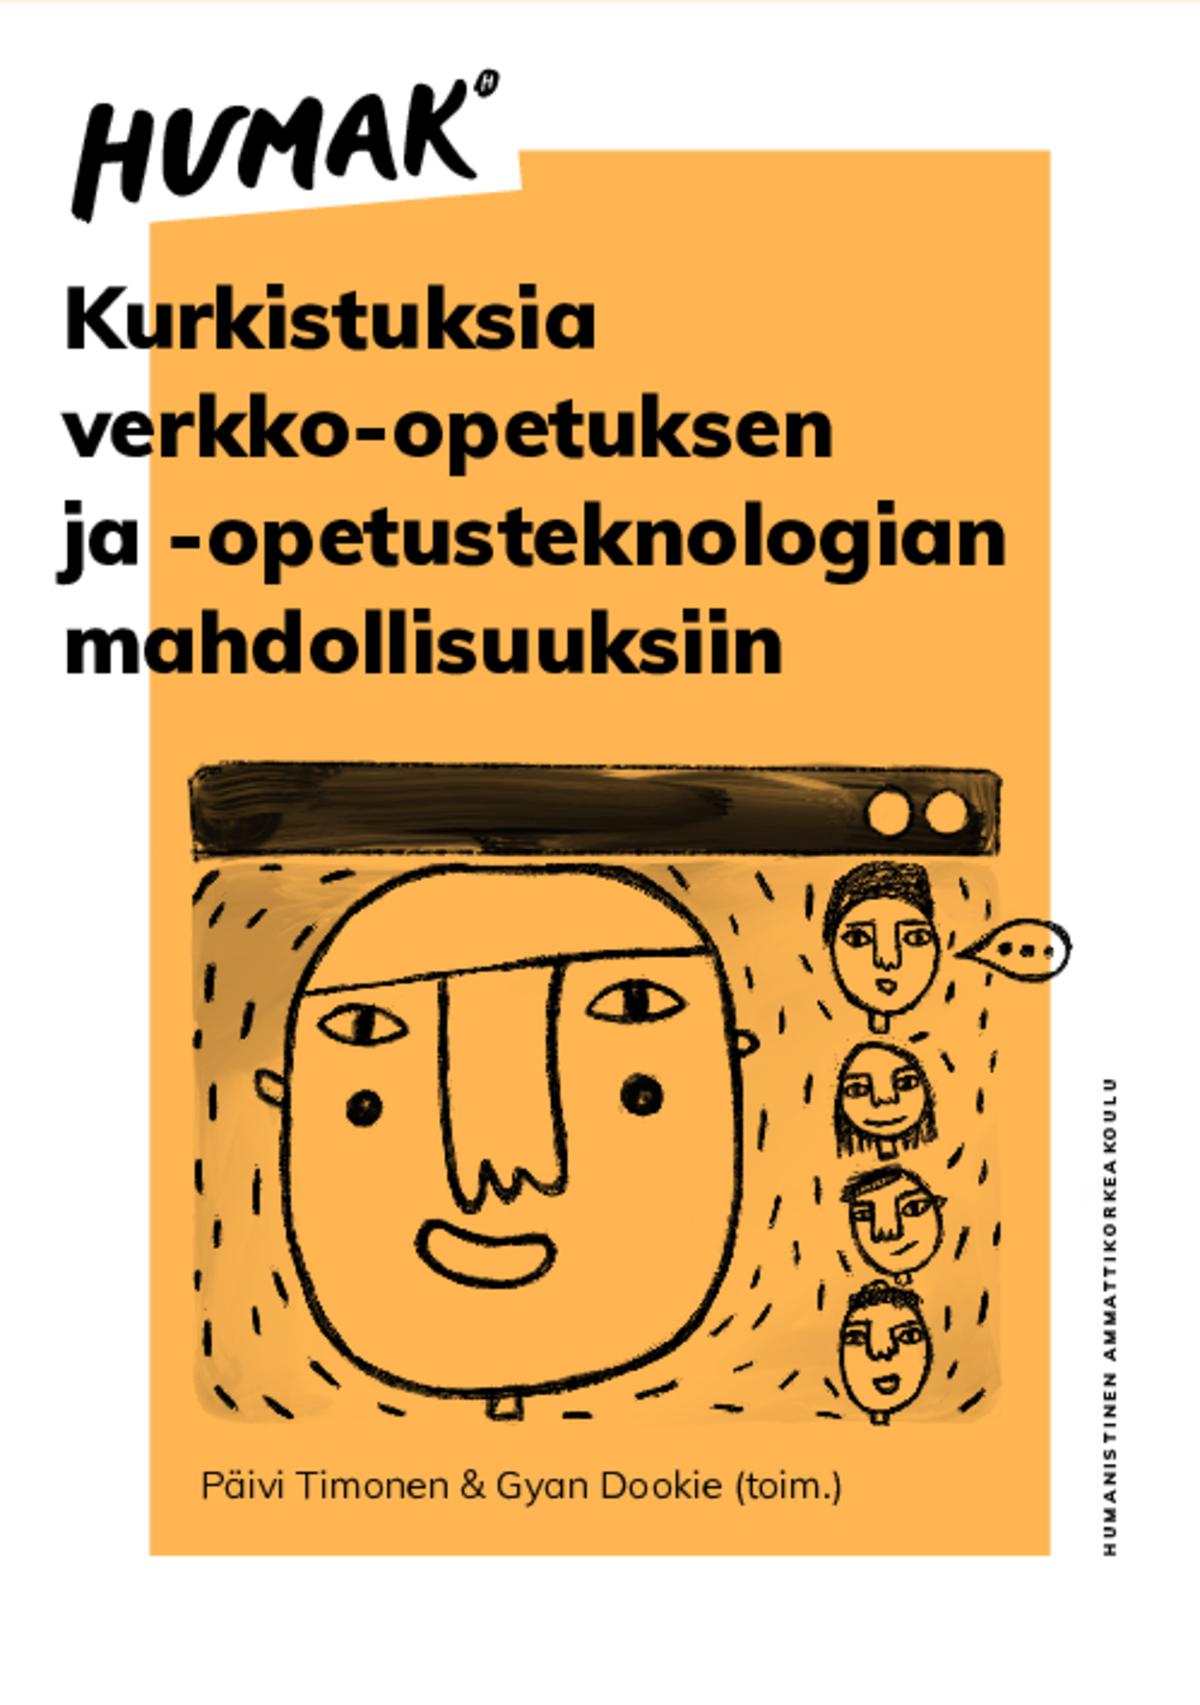 Päivi Timonen & Gyan Dookie  (toim.) Kurkistuksia verkko-opetuksen ja -opetusteknologian mahdollisuuksiin